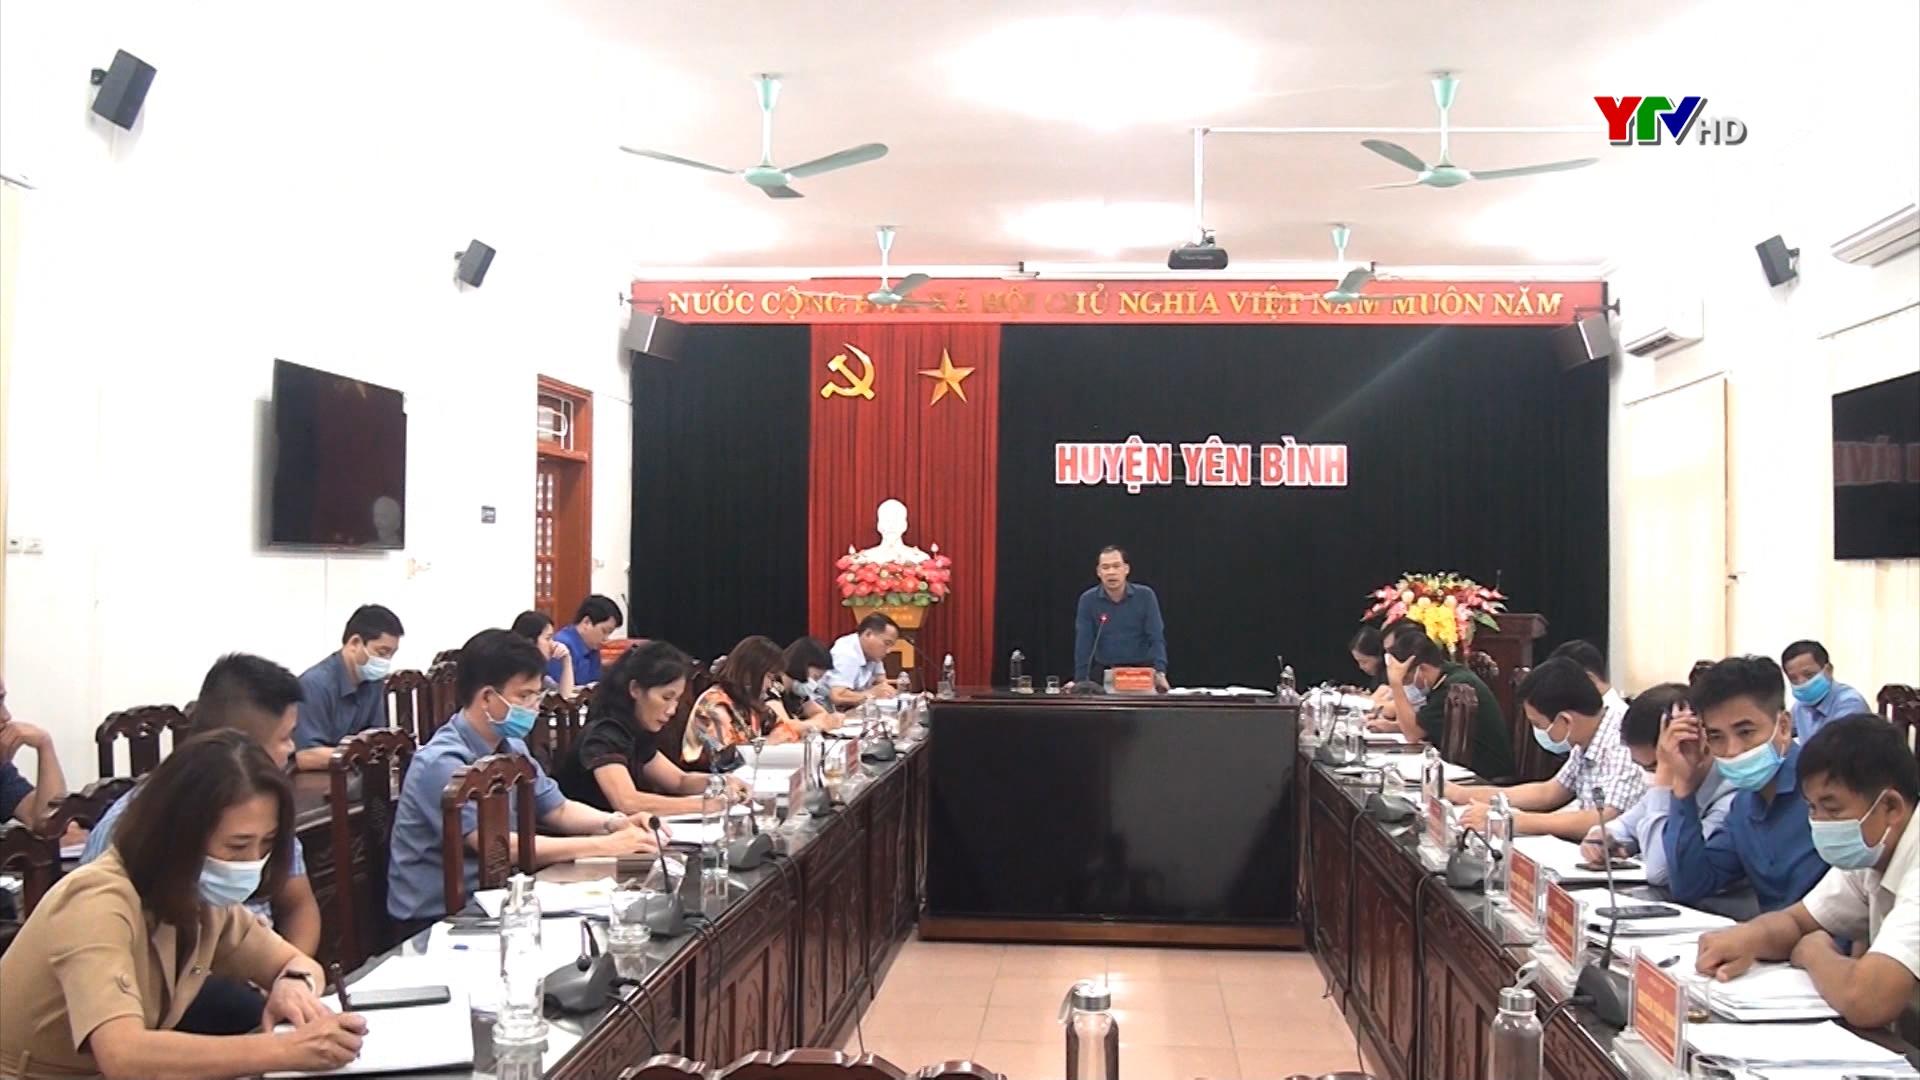 UBND huyện Yên Bình triển khai nhiệm vụ những tháng cuối năm 2021